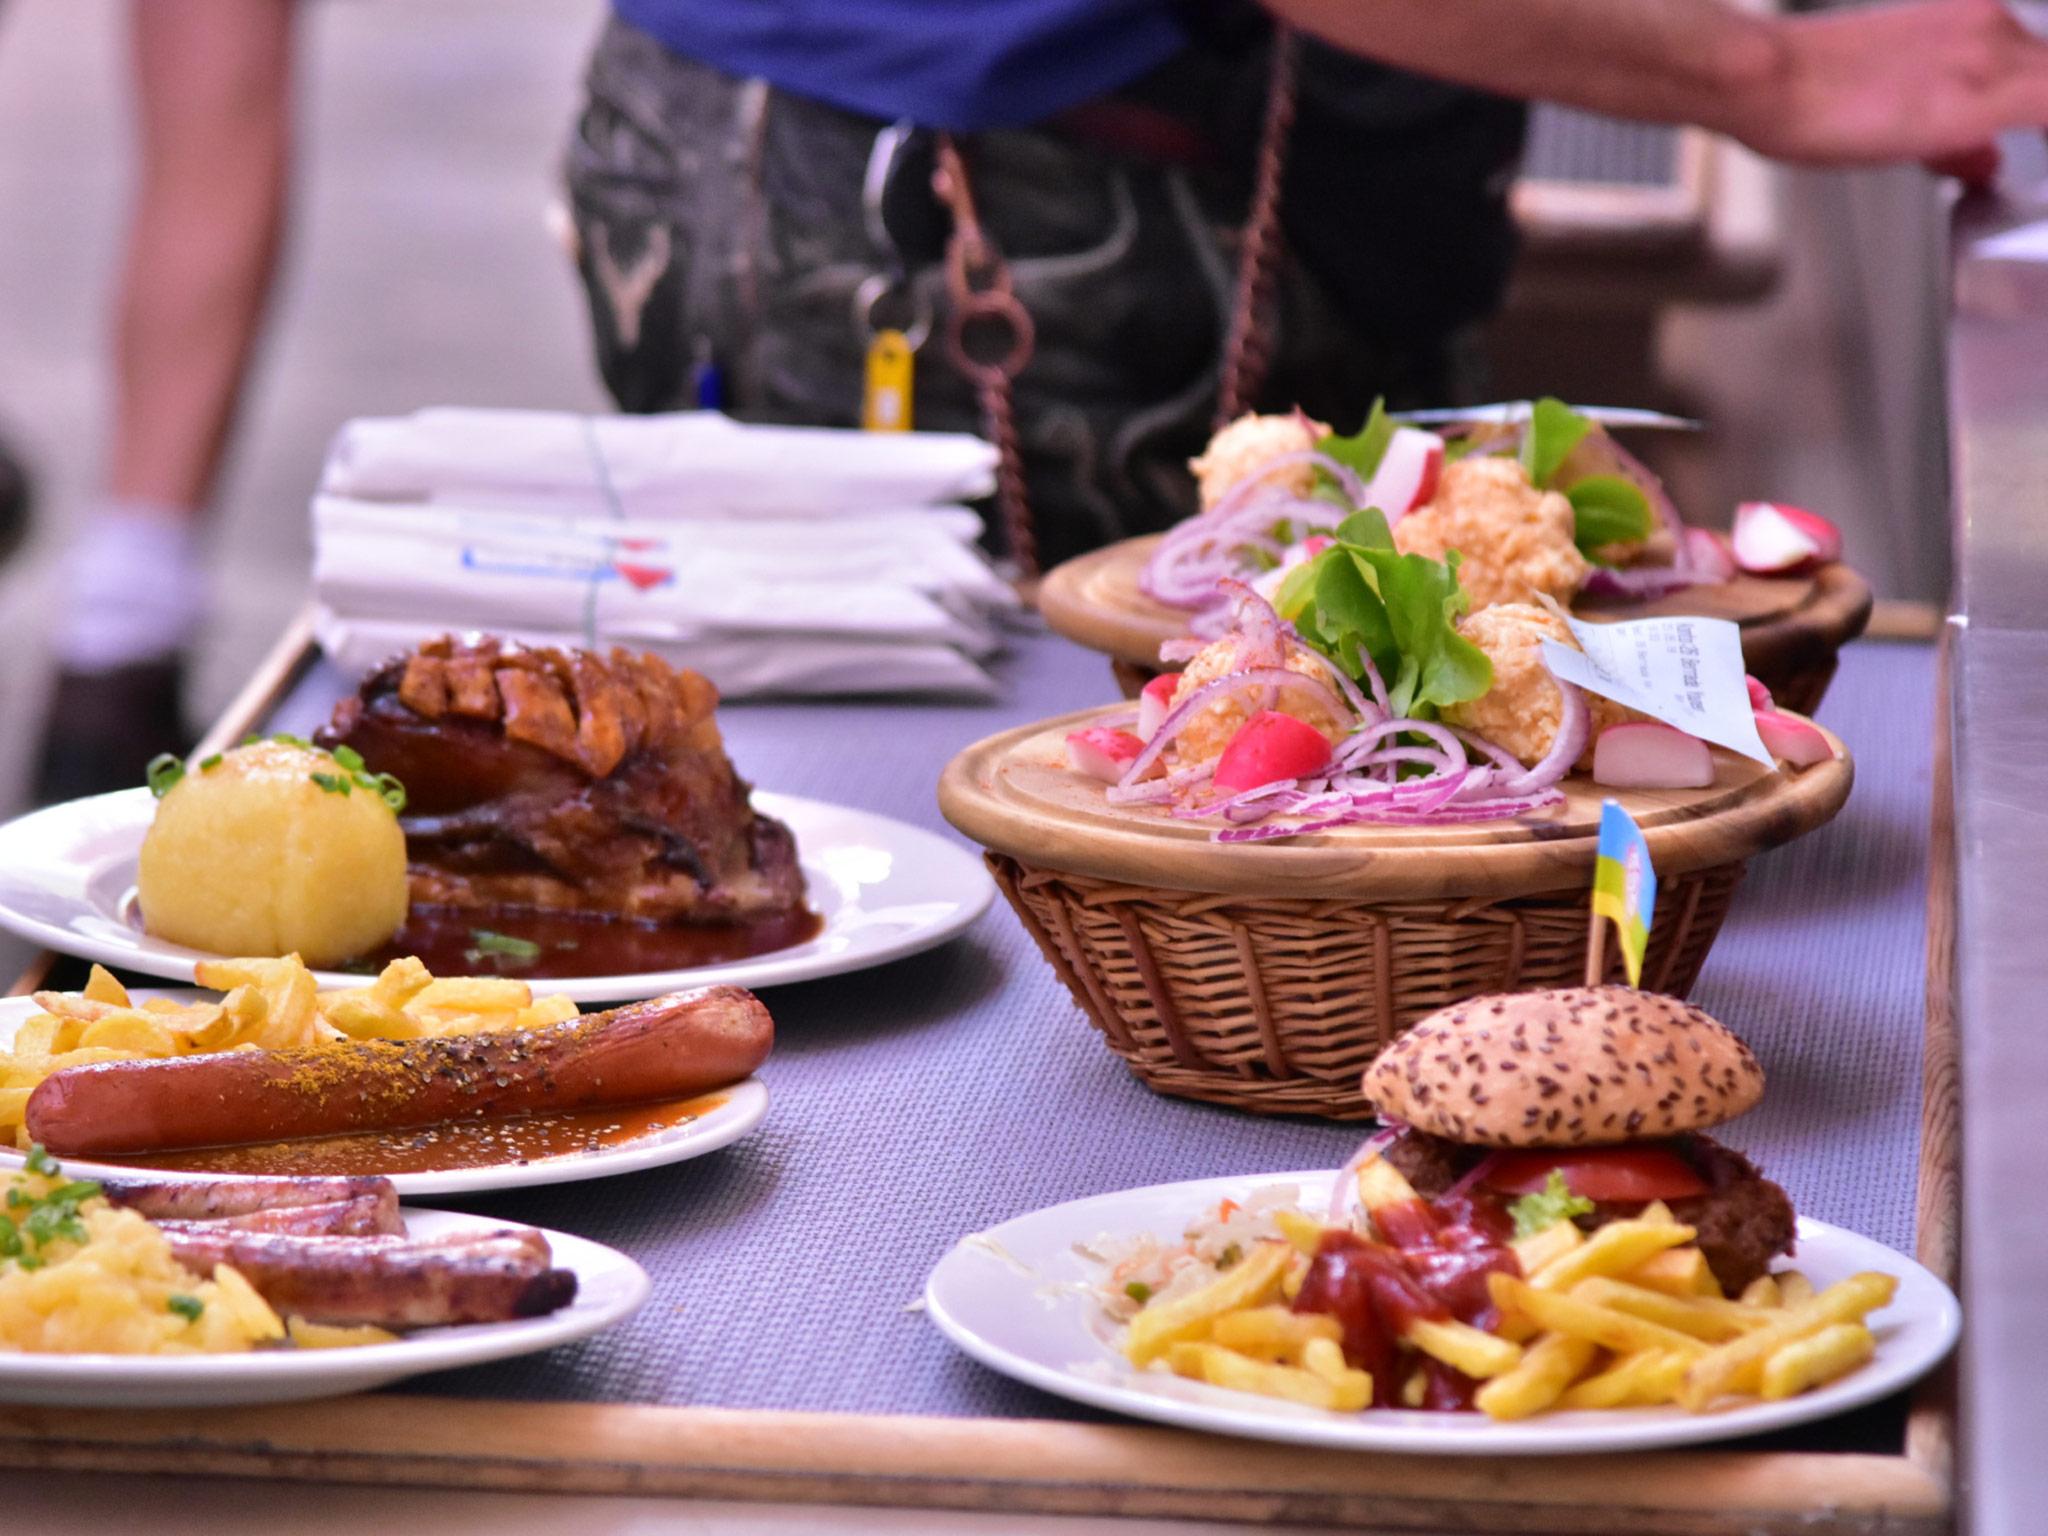 Alles was das Herz begehr im Hahn Zelt! Foto: Hahn Zelt + Catering GmbH